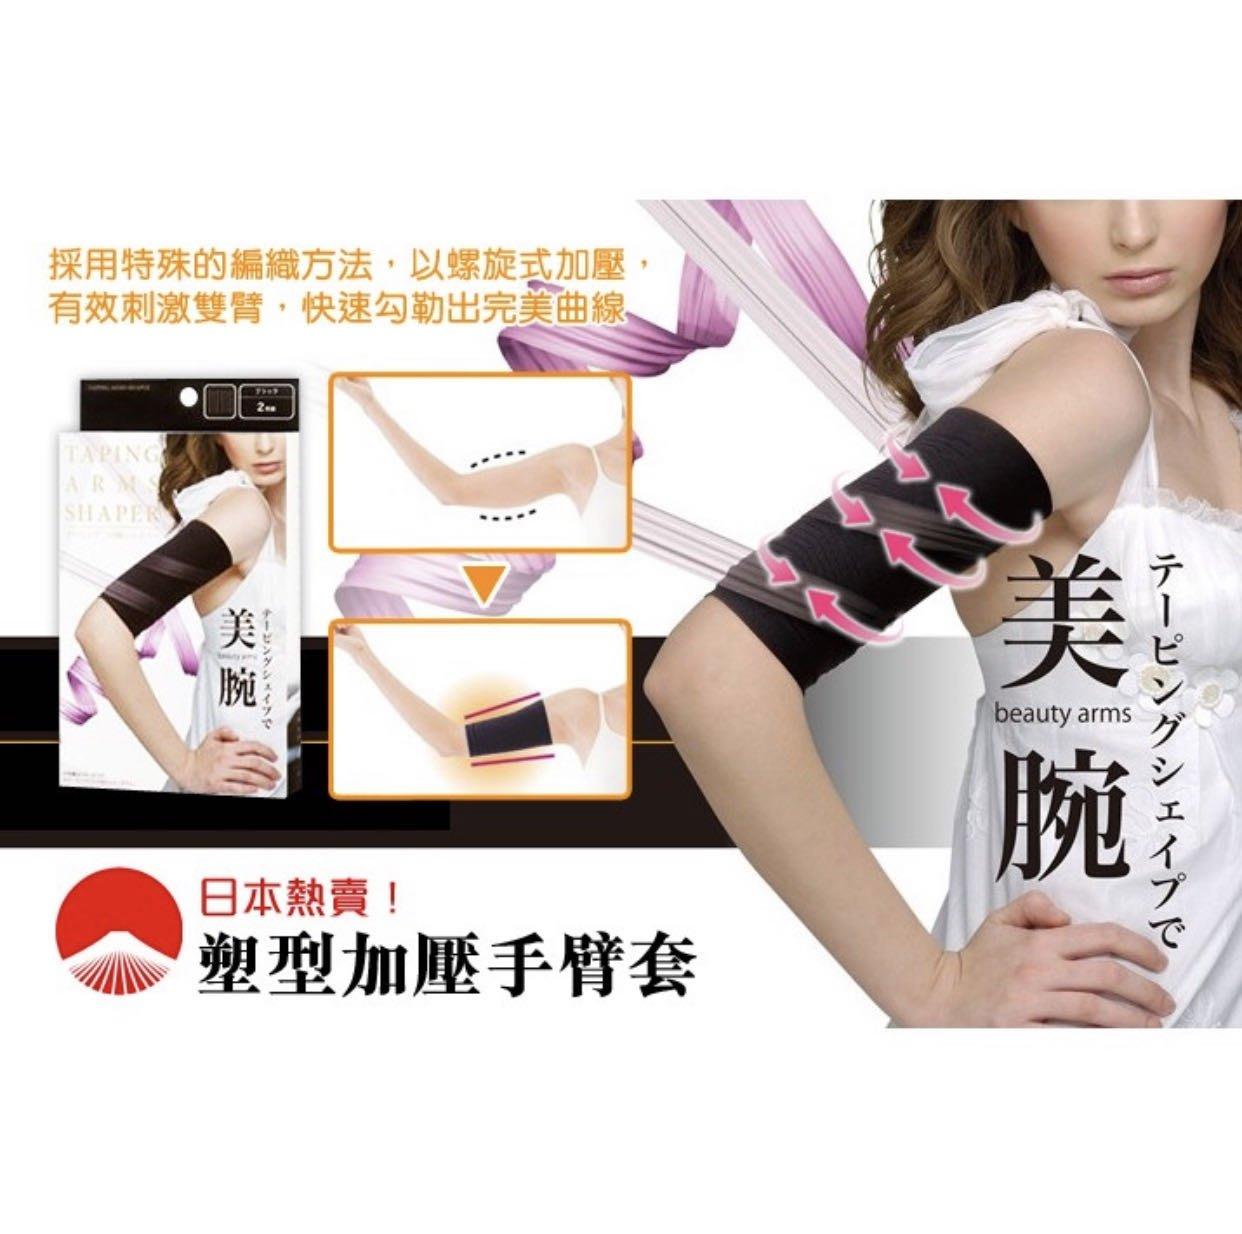 日本工藝塑形壓力「瘦臂套」瘦腿套 袖套束手臂套減胳膊 束臂衣減蝴蝶臂 塑形護臂 運動護套減蝴蝶袖 瘦臂 女人的小心機